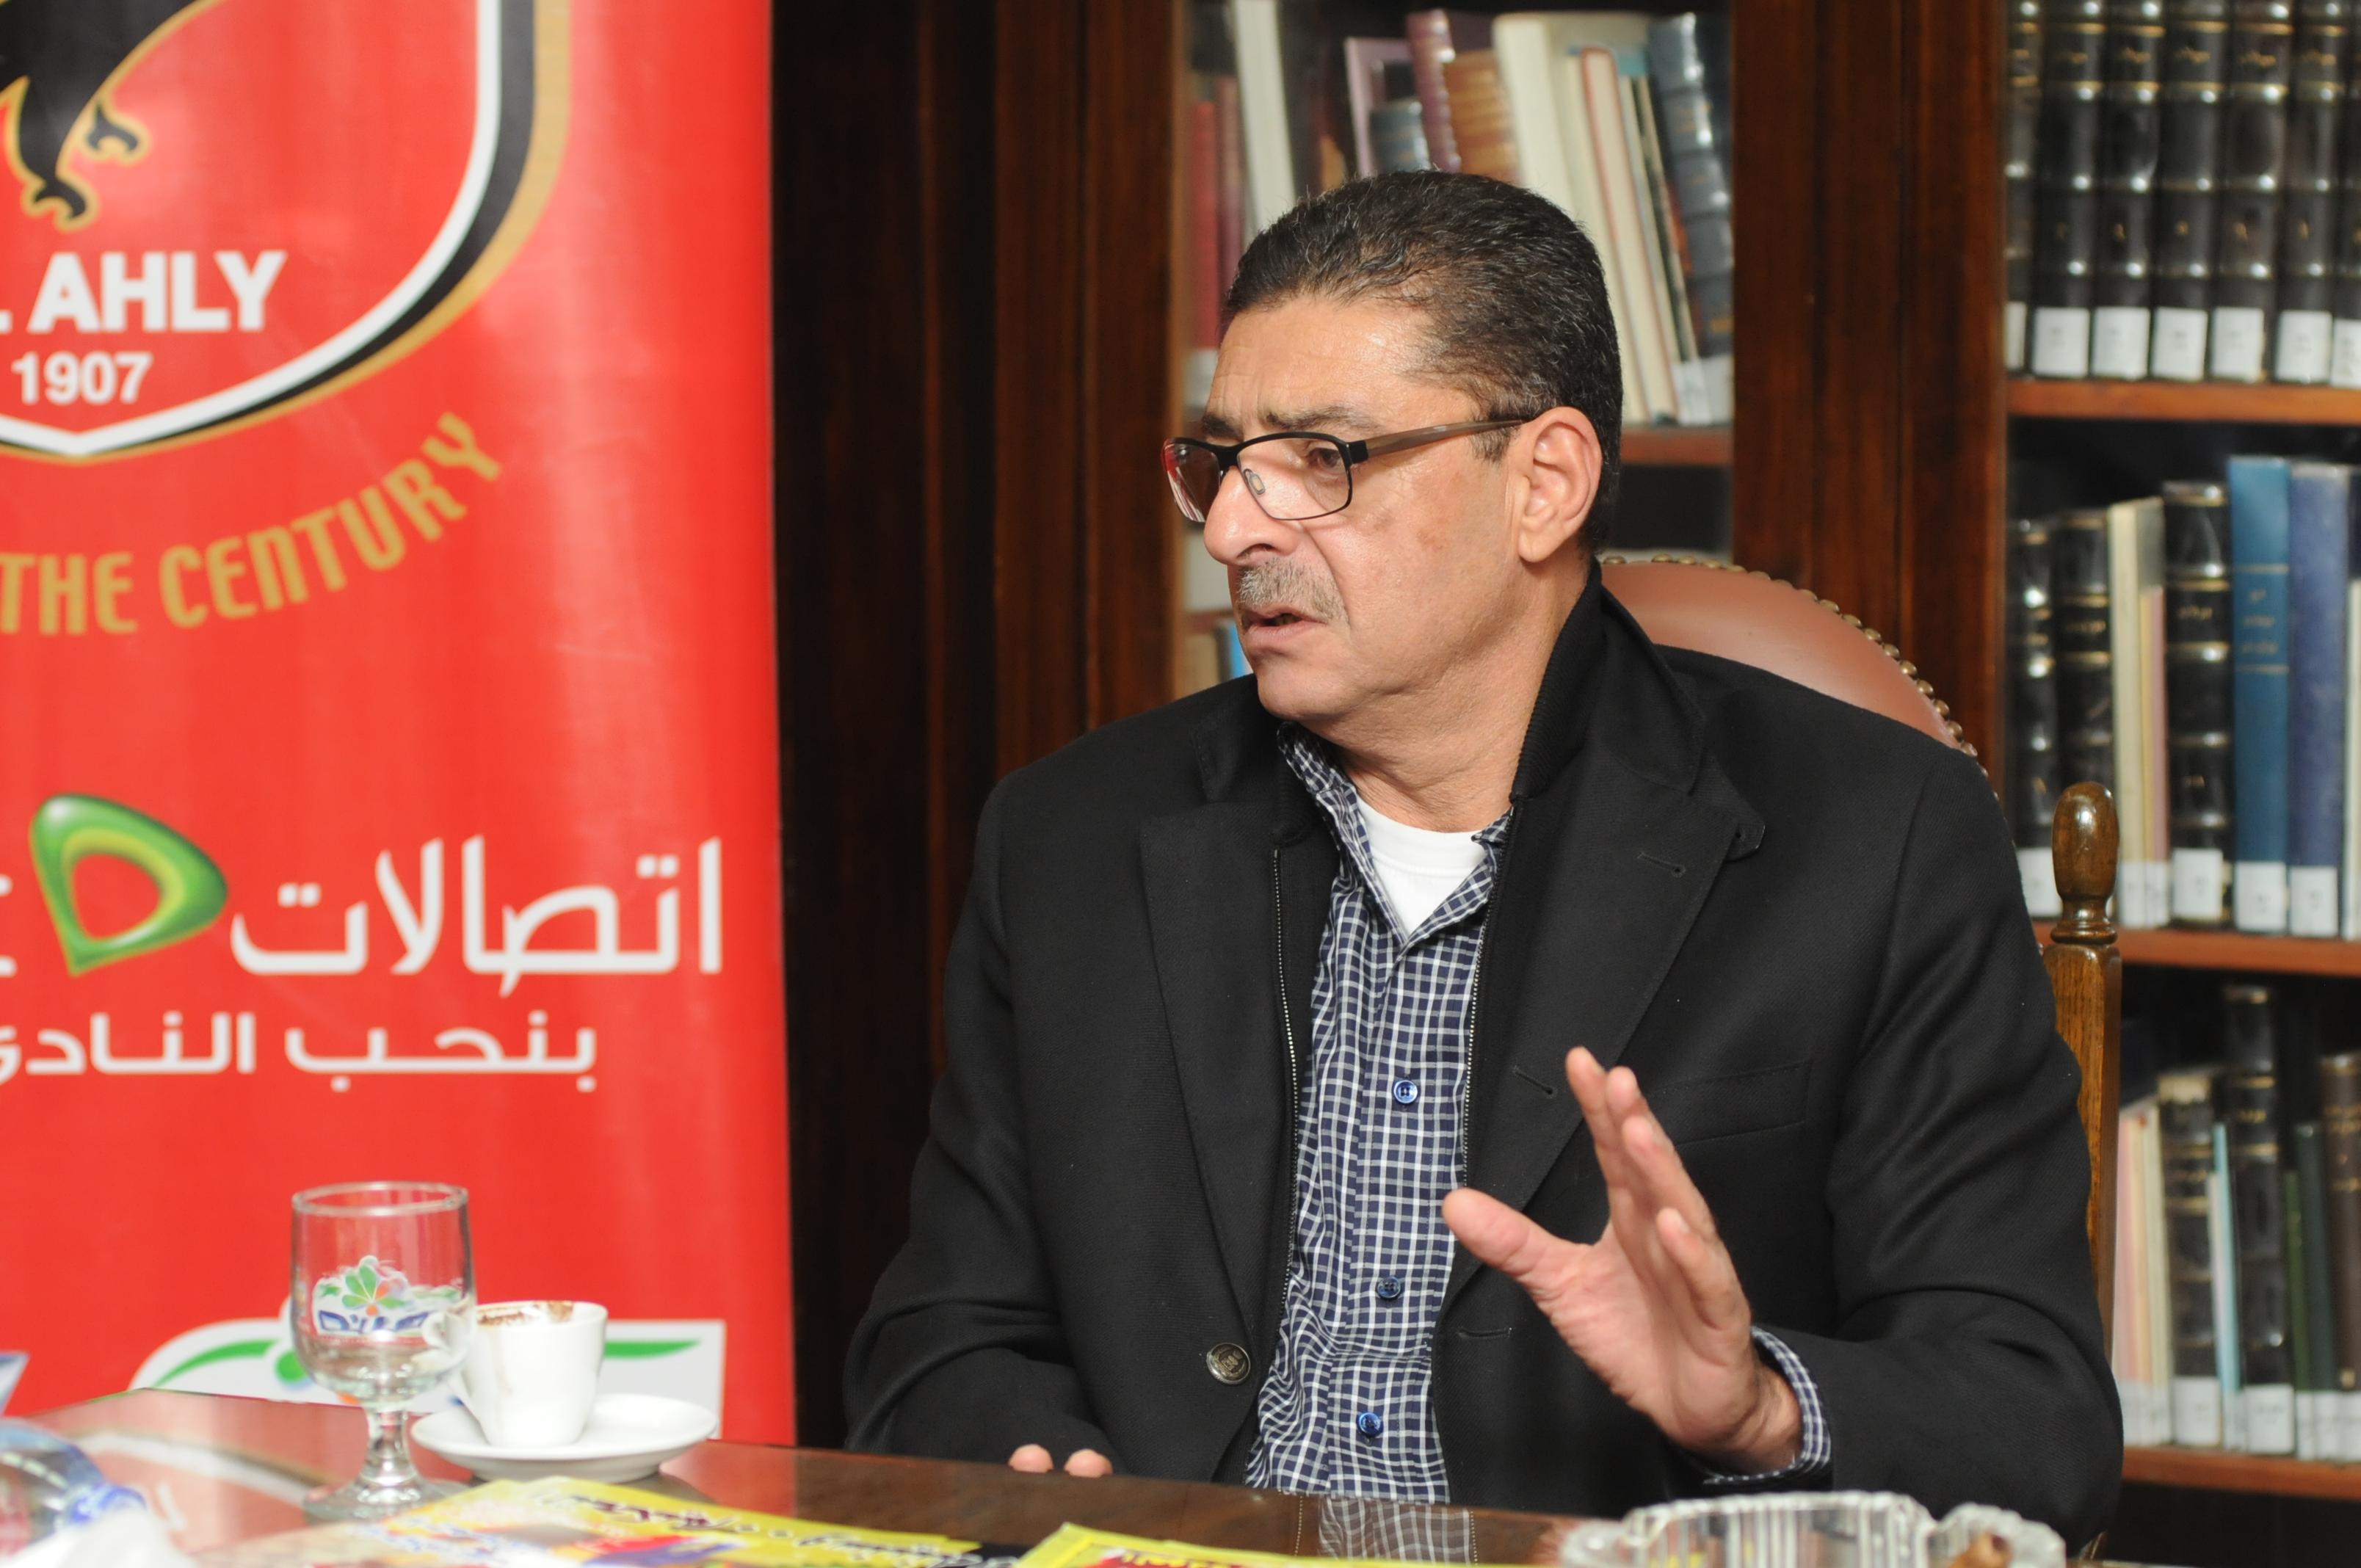 رئيس الأهلي حائر بين إقالة مبروك حاليا..أو اتخاذ القرار عقب السوبر